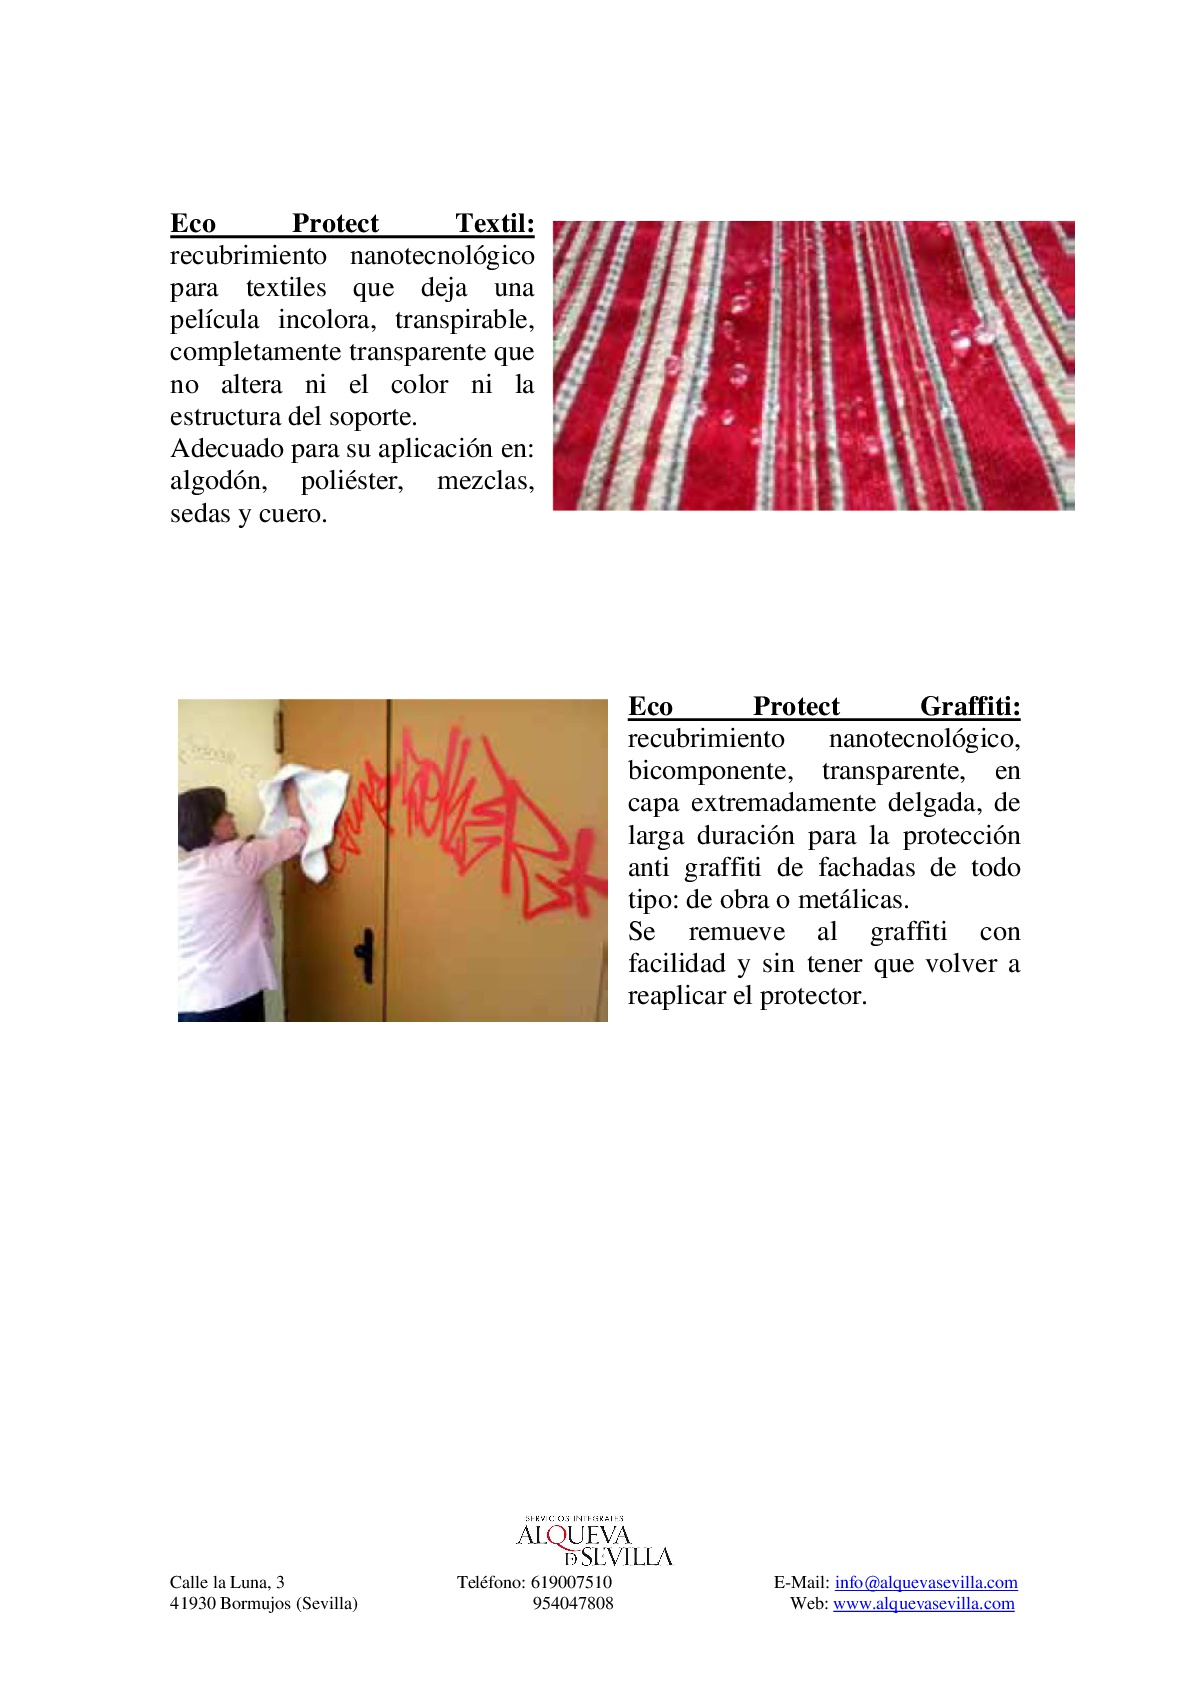 04-Presentacion-de-servicios-de-limpieza-y-protecciones-Nano-Tecnologicos